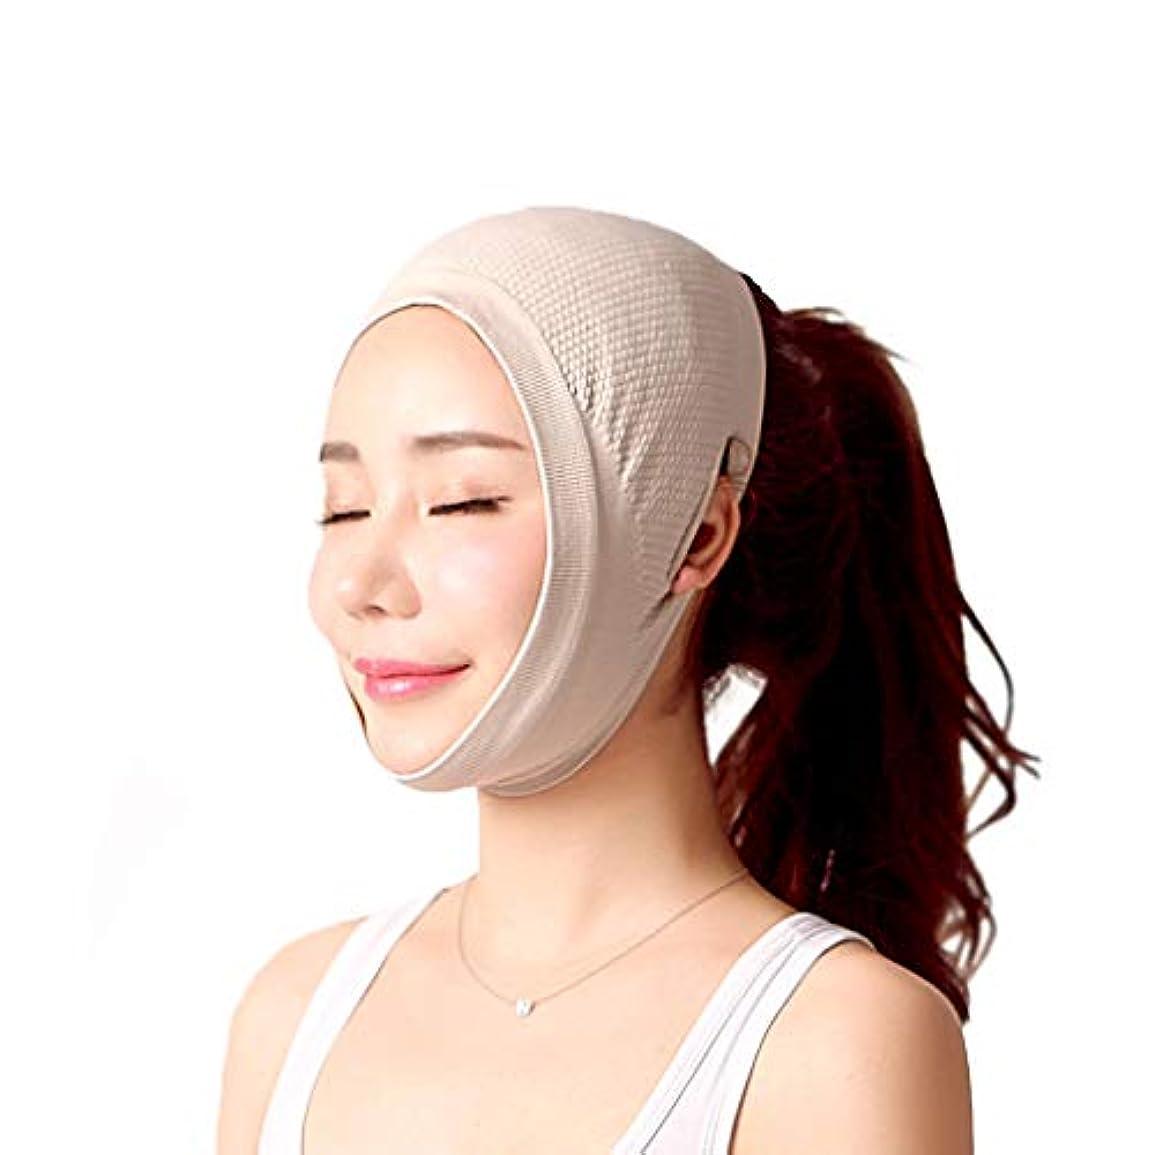 医師感性解く顔痩身包帯、二重あご、二重あごを減らすために顔を持ち上げる、顔を引き締める、体重を減らすためのマスク(ワンサイズ)